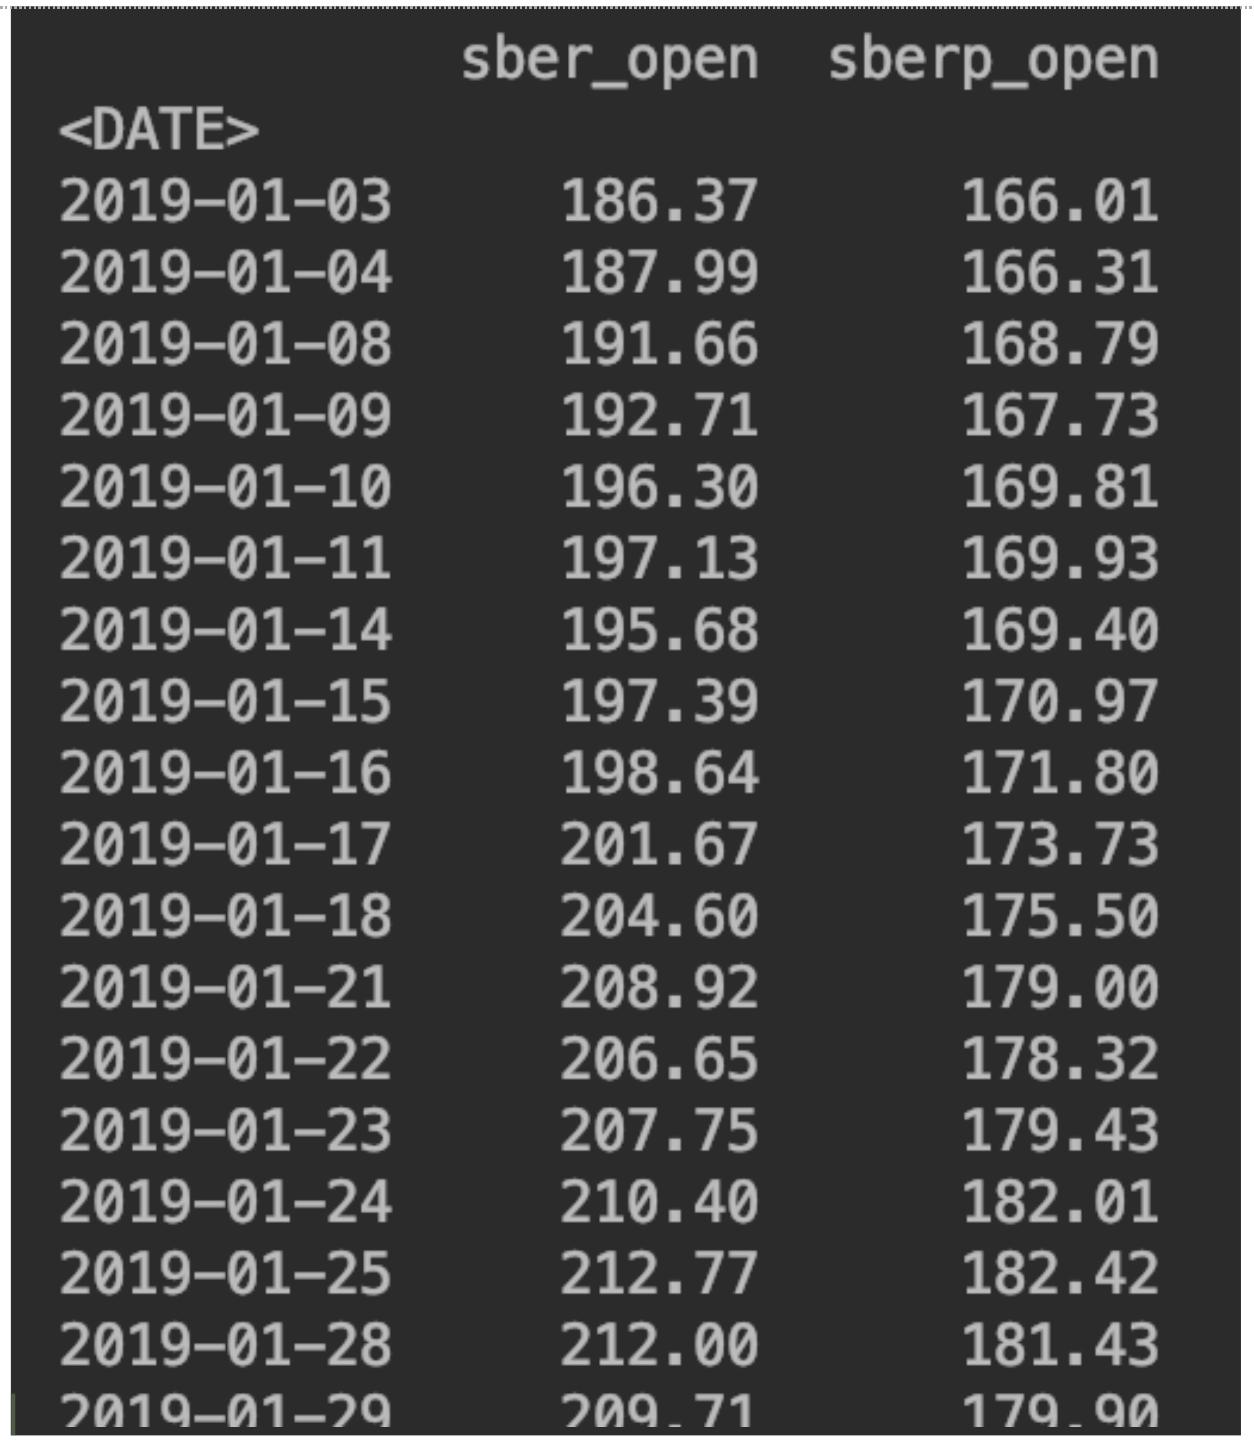 Сравнение динамики котировок двух акций на python на примере привилегированных и обычных акций Сбербанка - 7